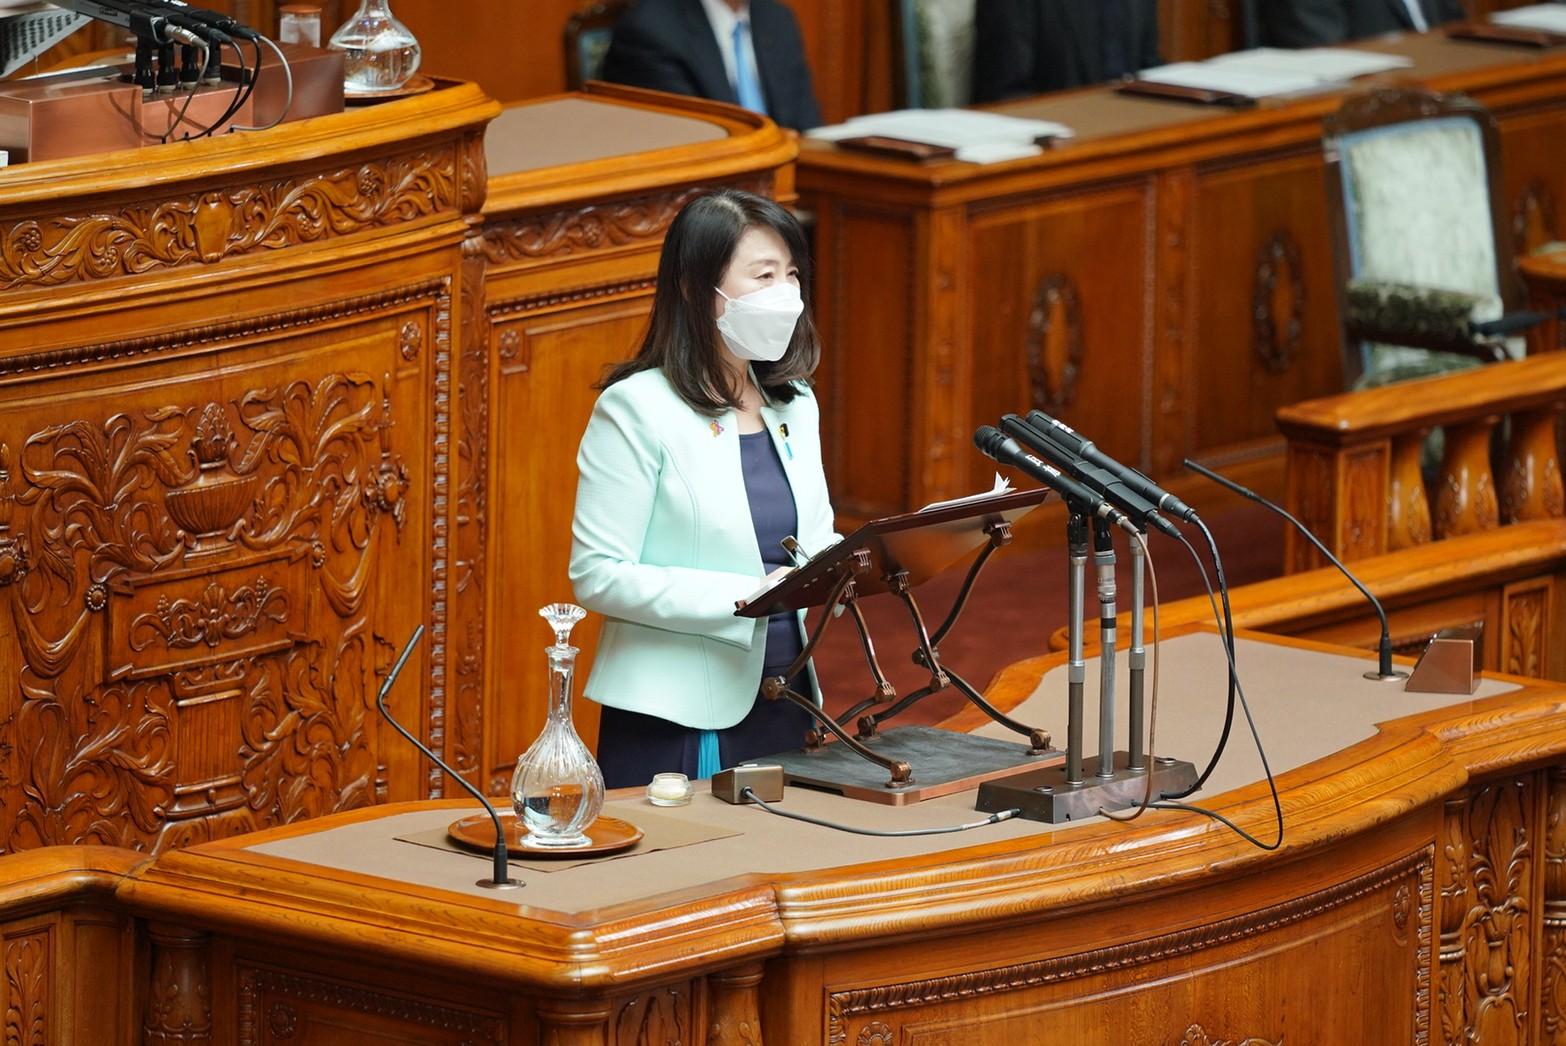 【参本会議】矢田副代表が「子ども・子育て支援法及び児童手当法改正案」について質疑